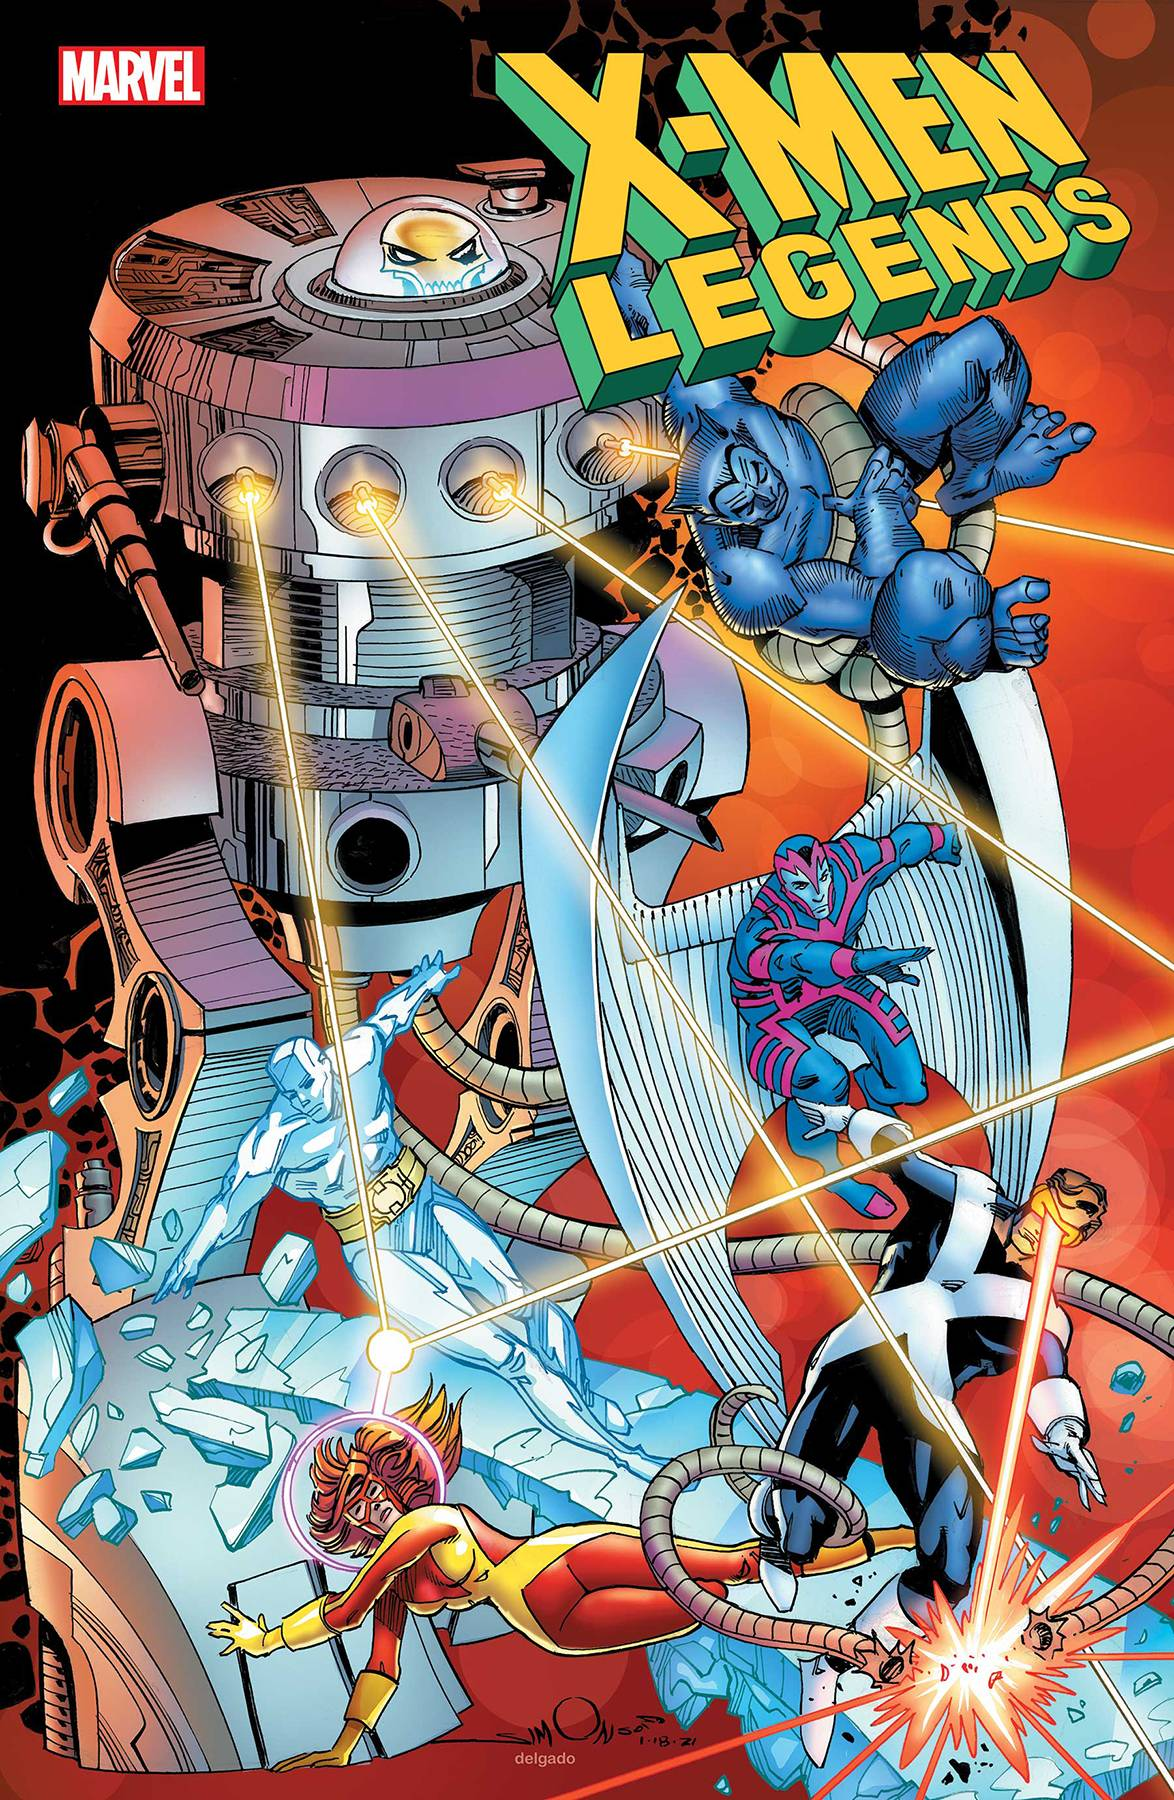 X-Men: Legends #4 Cover A